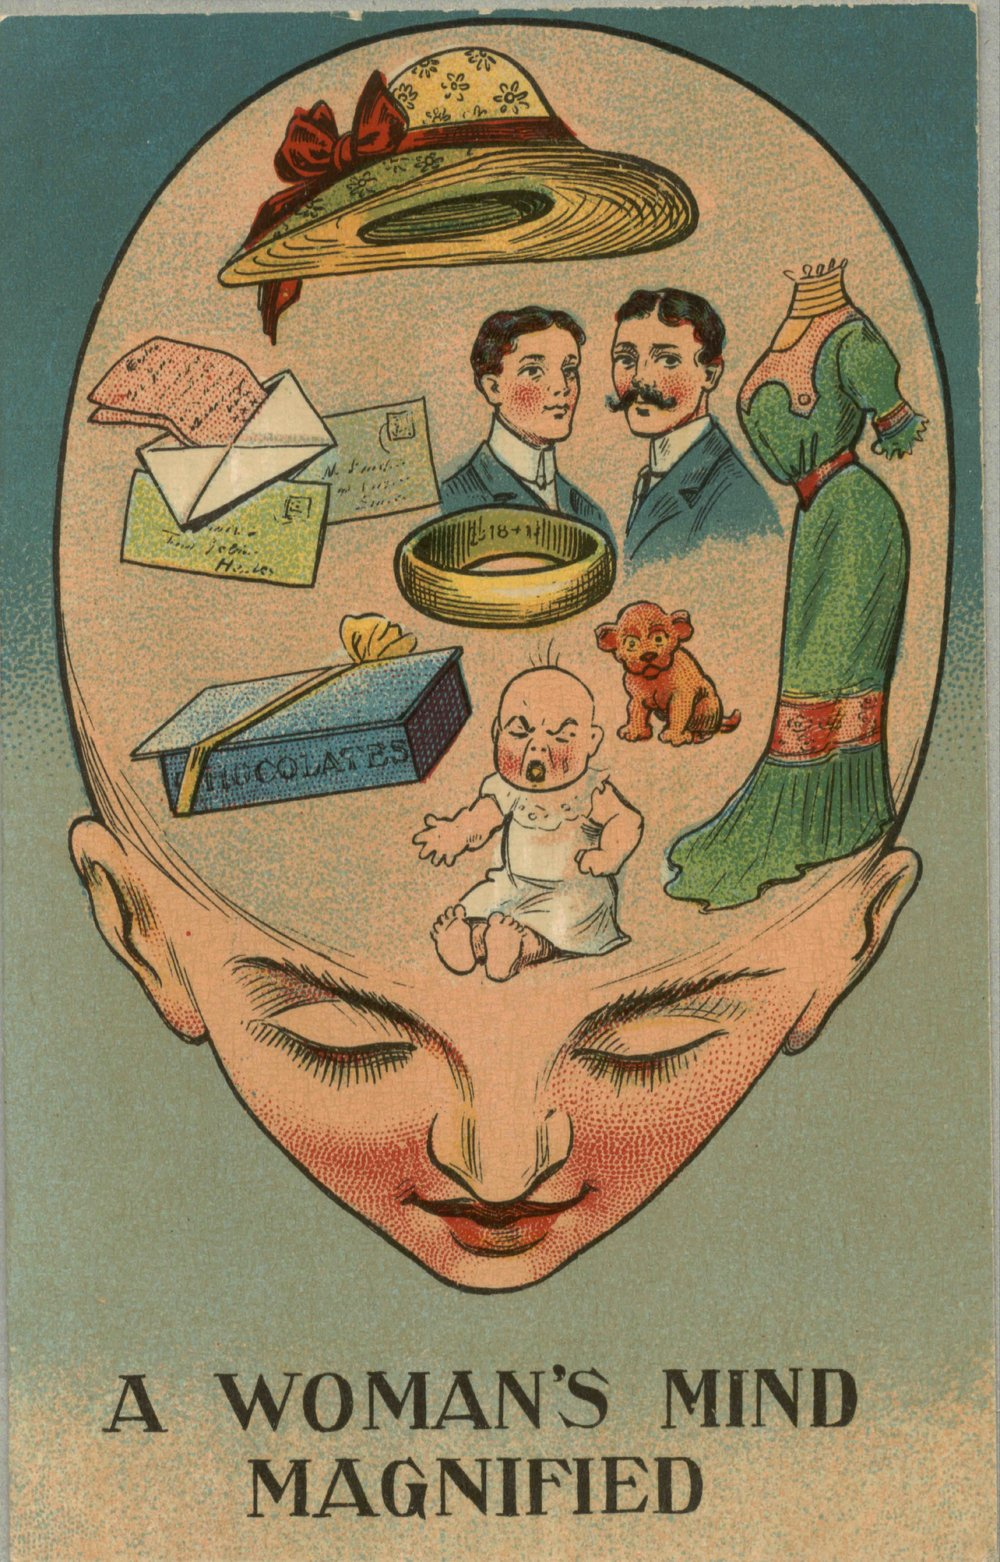 Womans Mind image LowRes.jpg